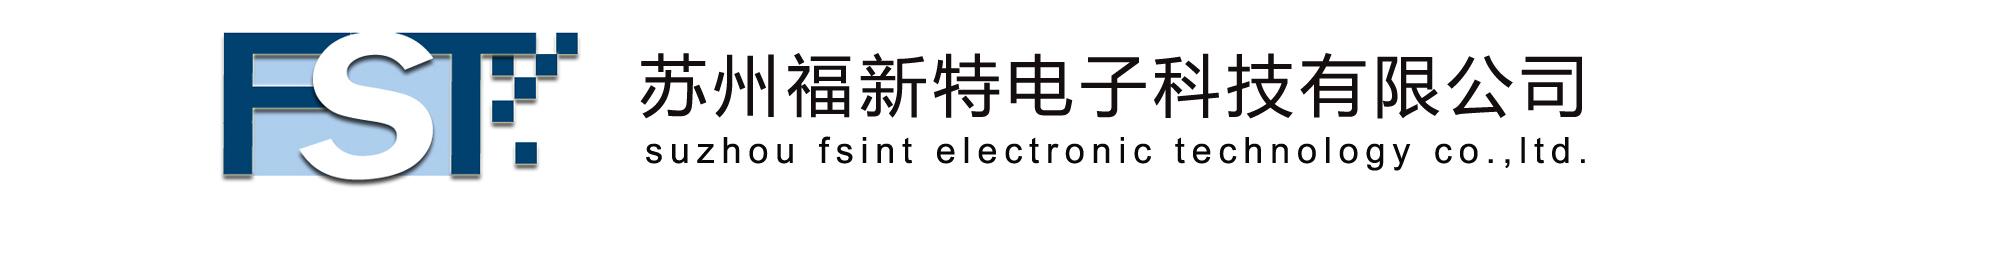 蘇州福新特電子科技有限公司